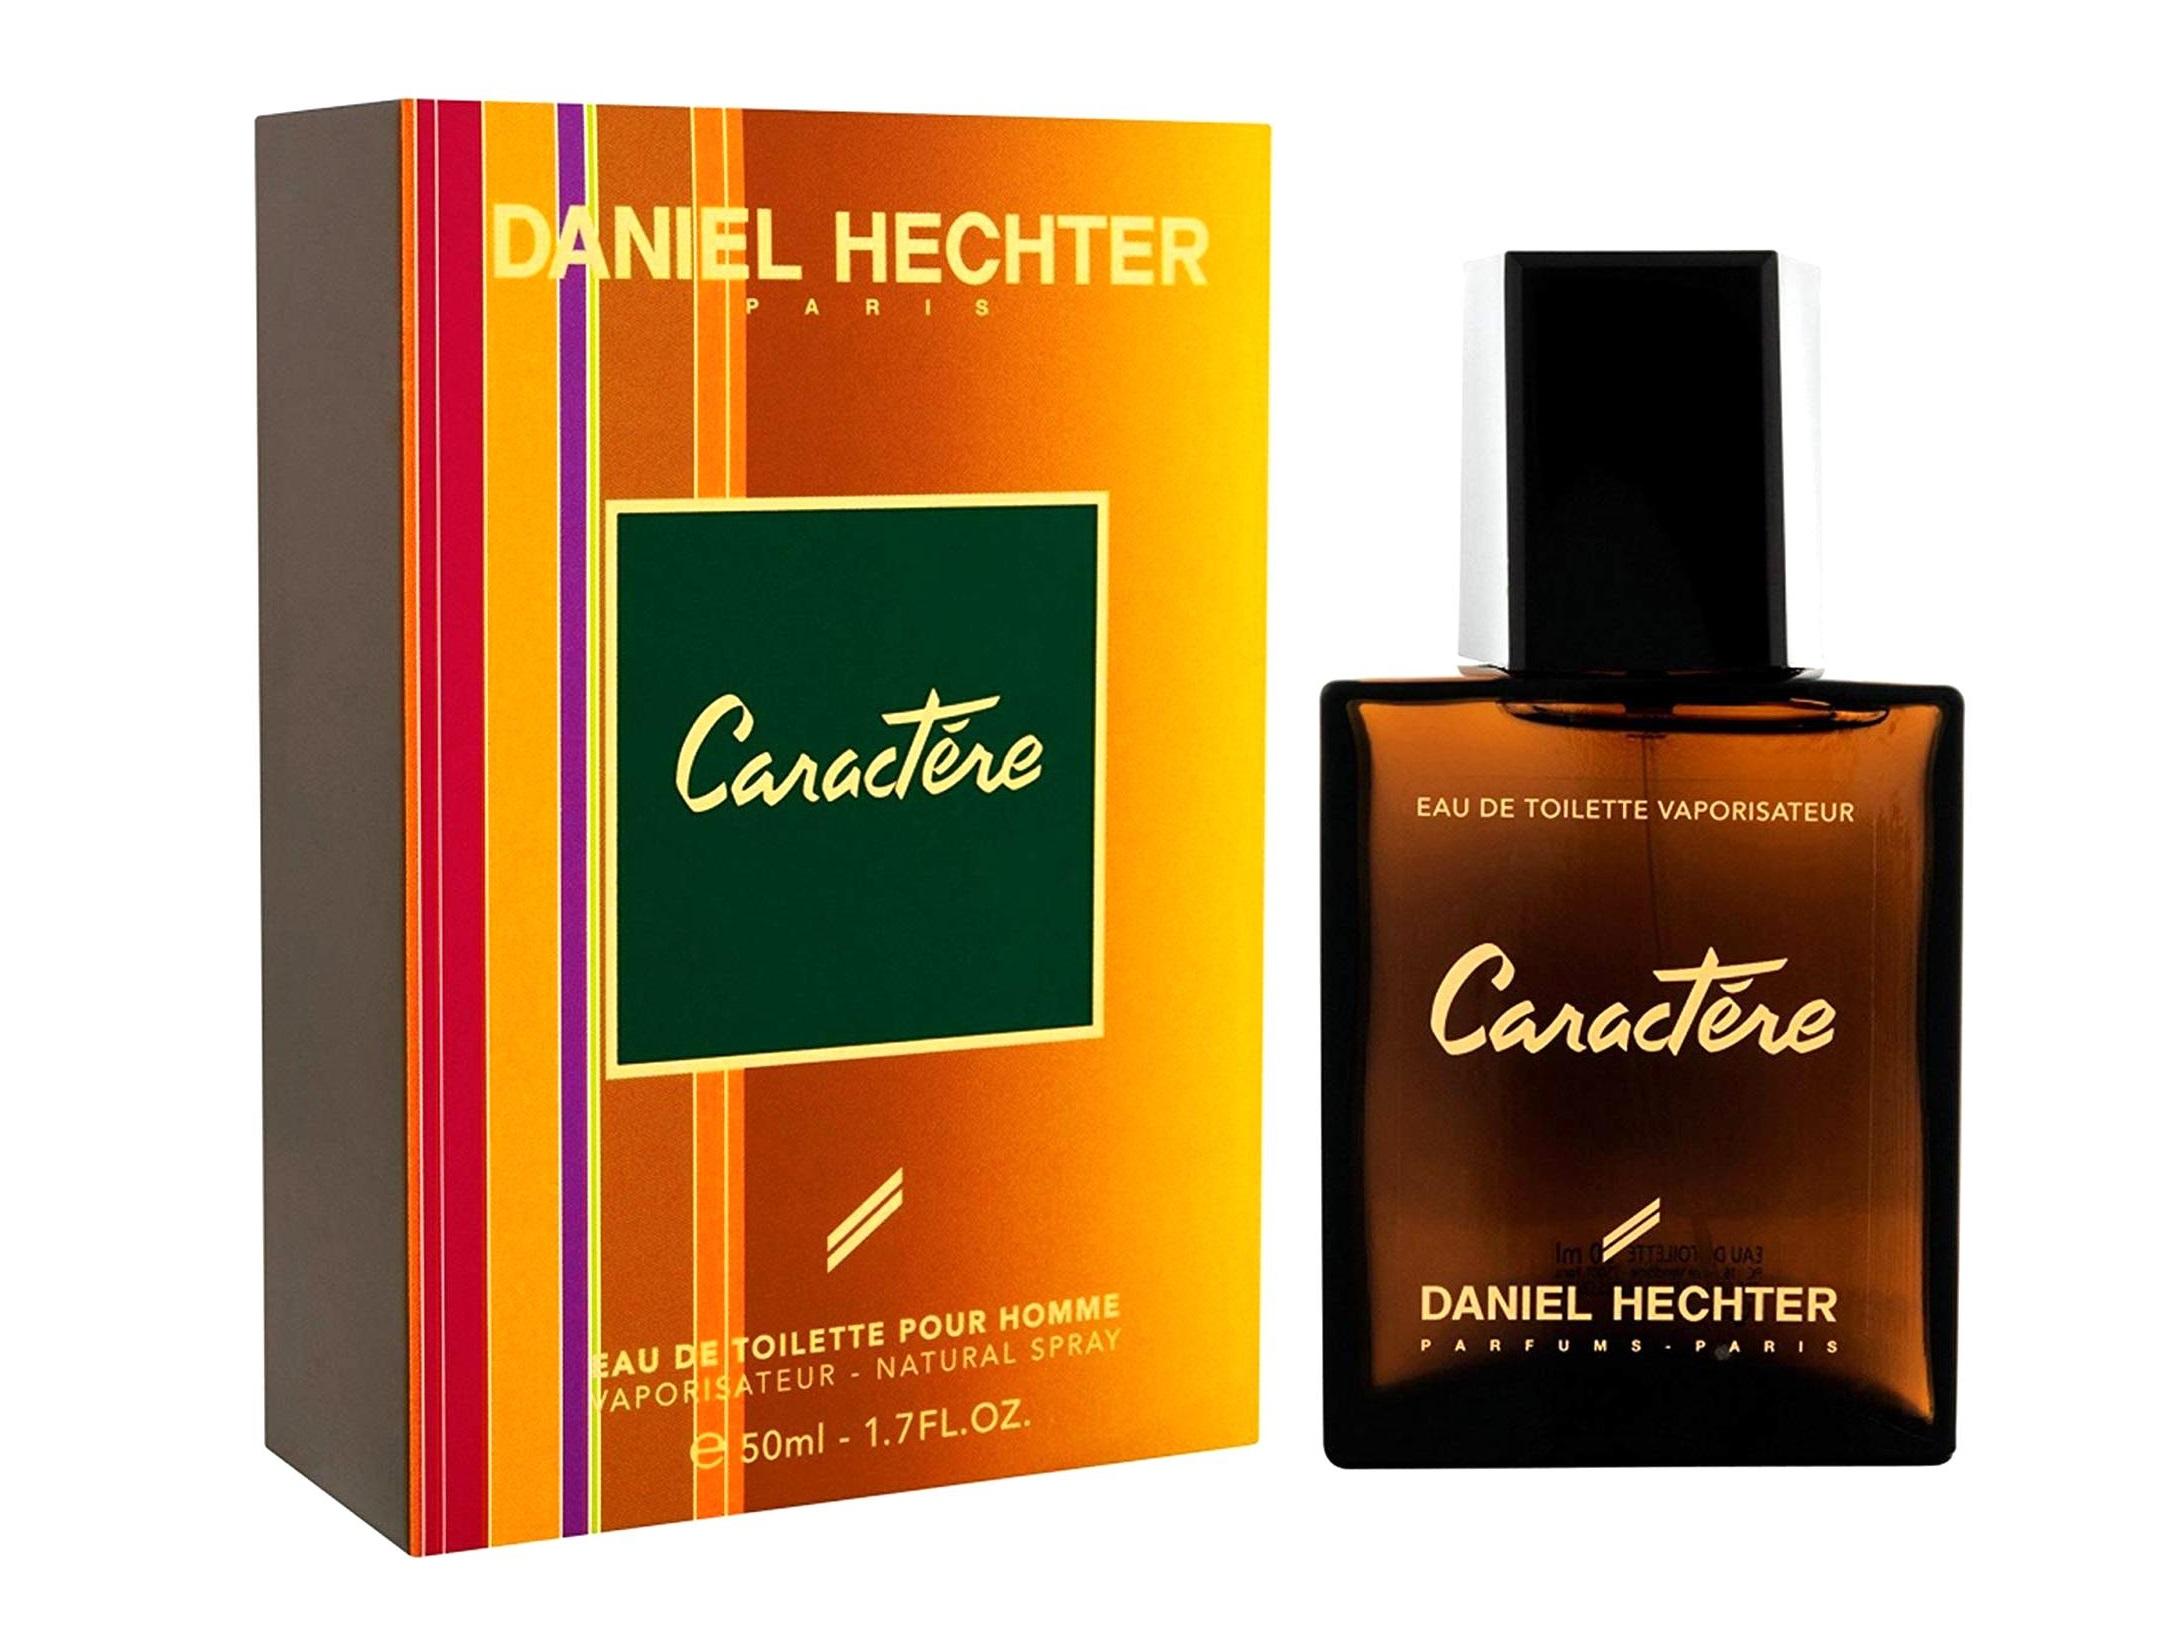 Daniel Hechter Caractere 50 mL